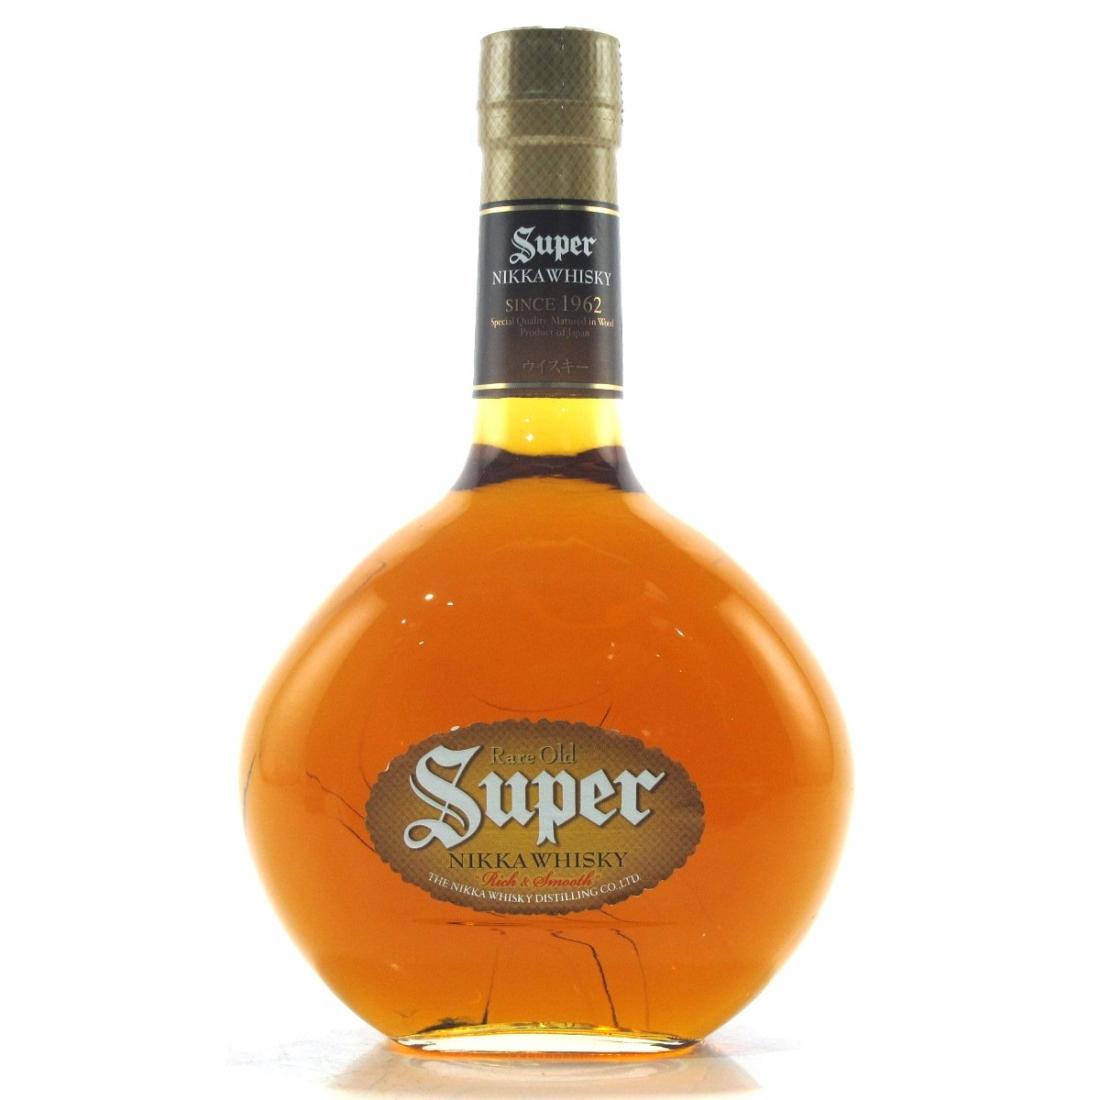 Nikka Super Whisky